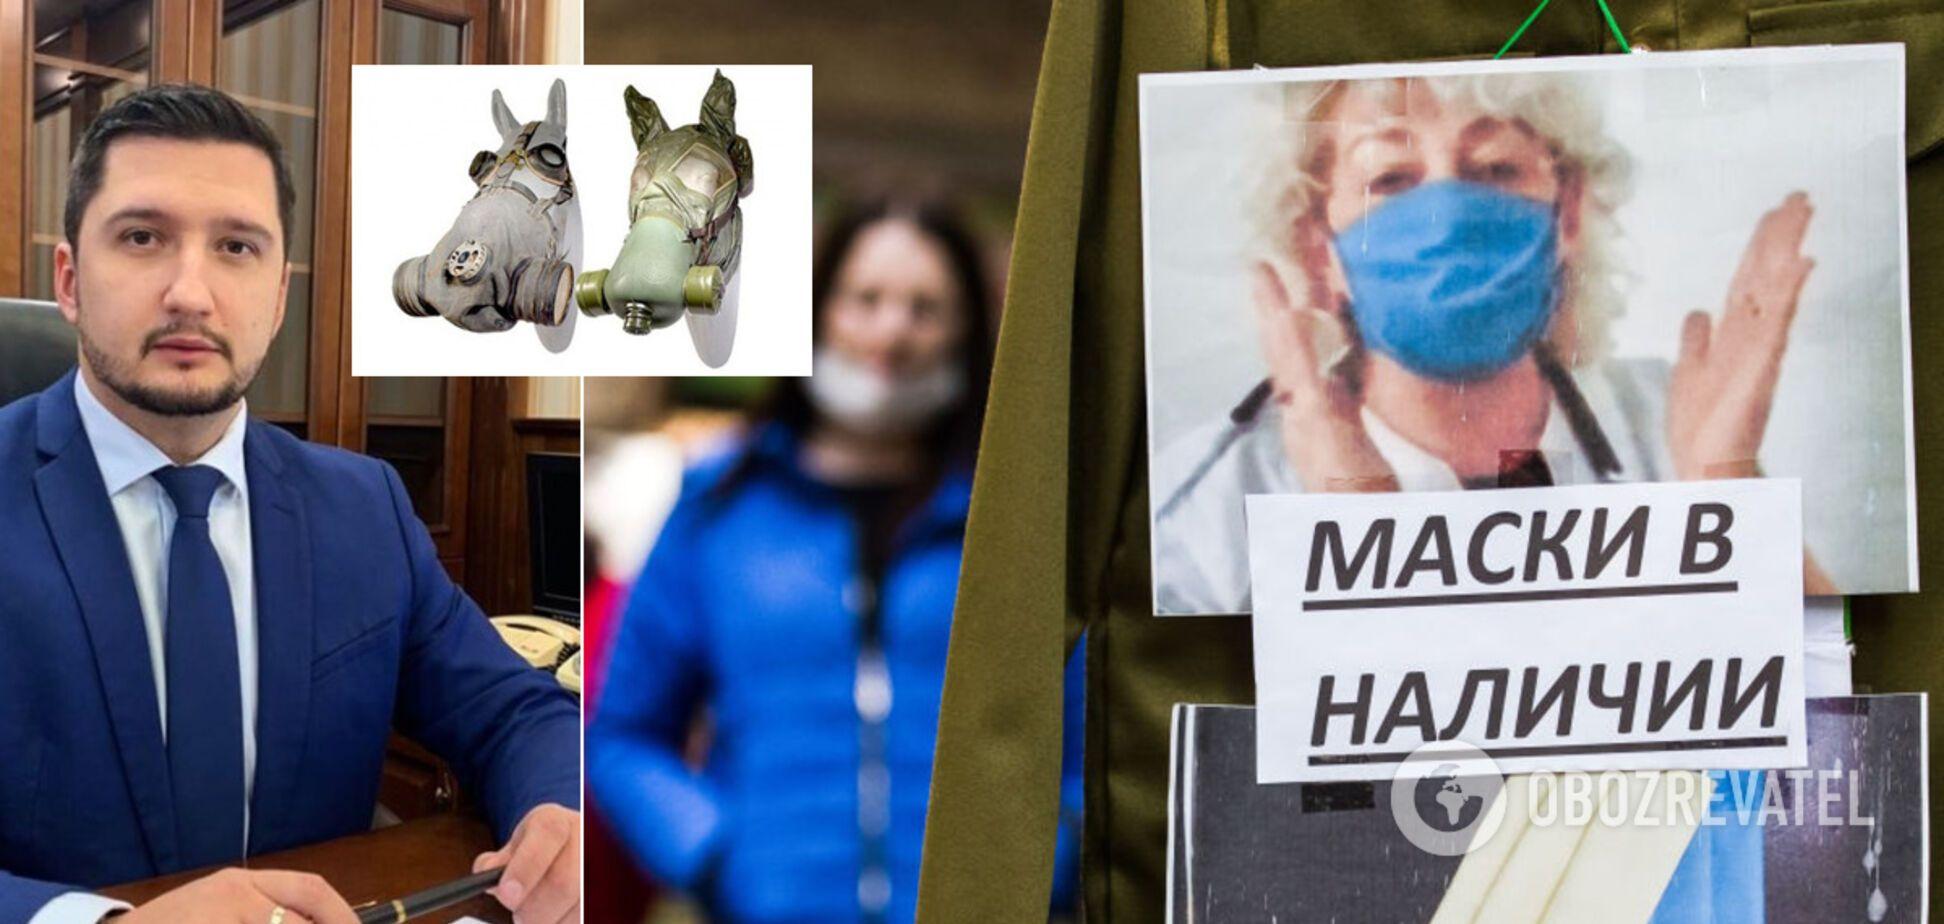 Протигази для коней, протерміновані маски та консерви з СРСР: що відбувається на складах Держрезерву в розпал пандемії